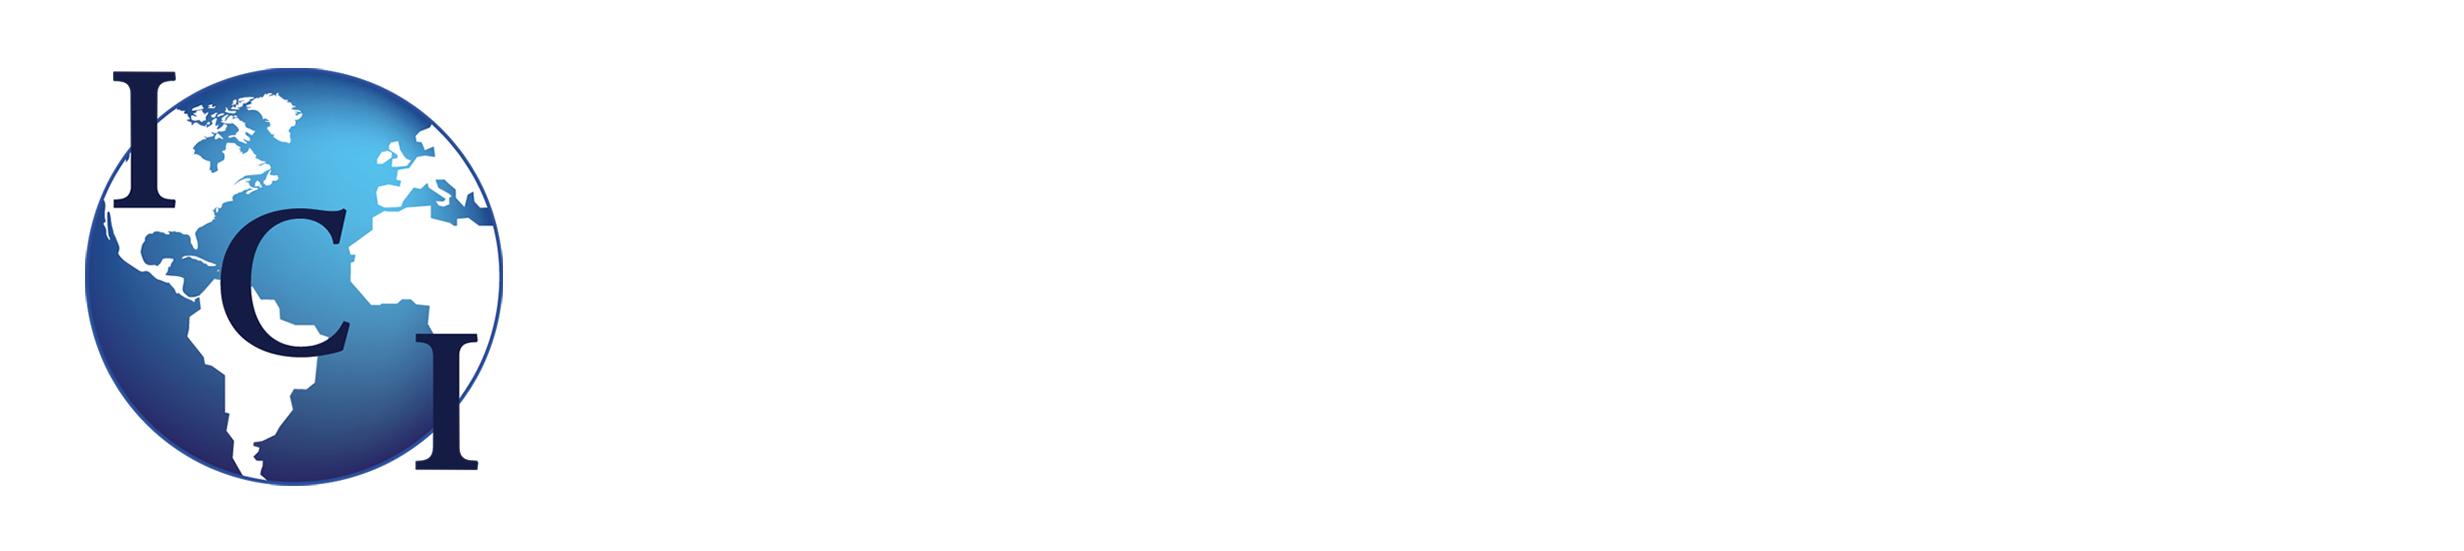 Indelac_logo_header